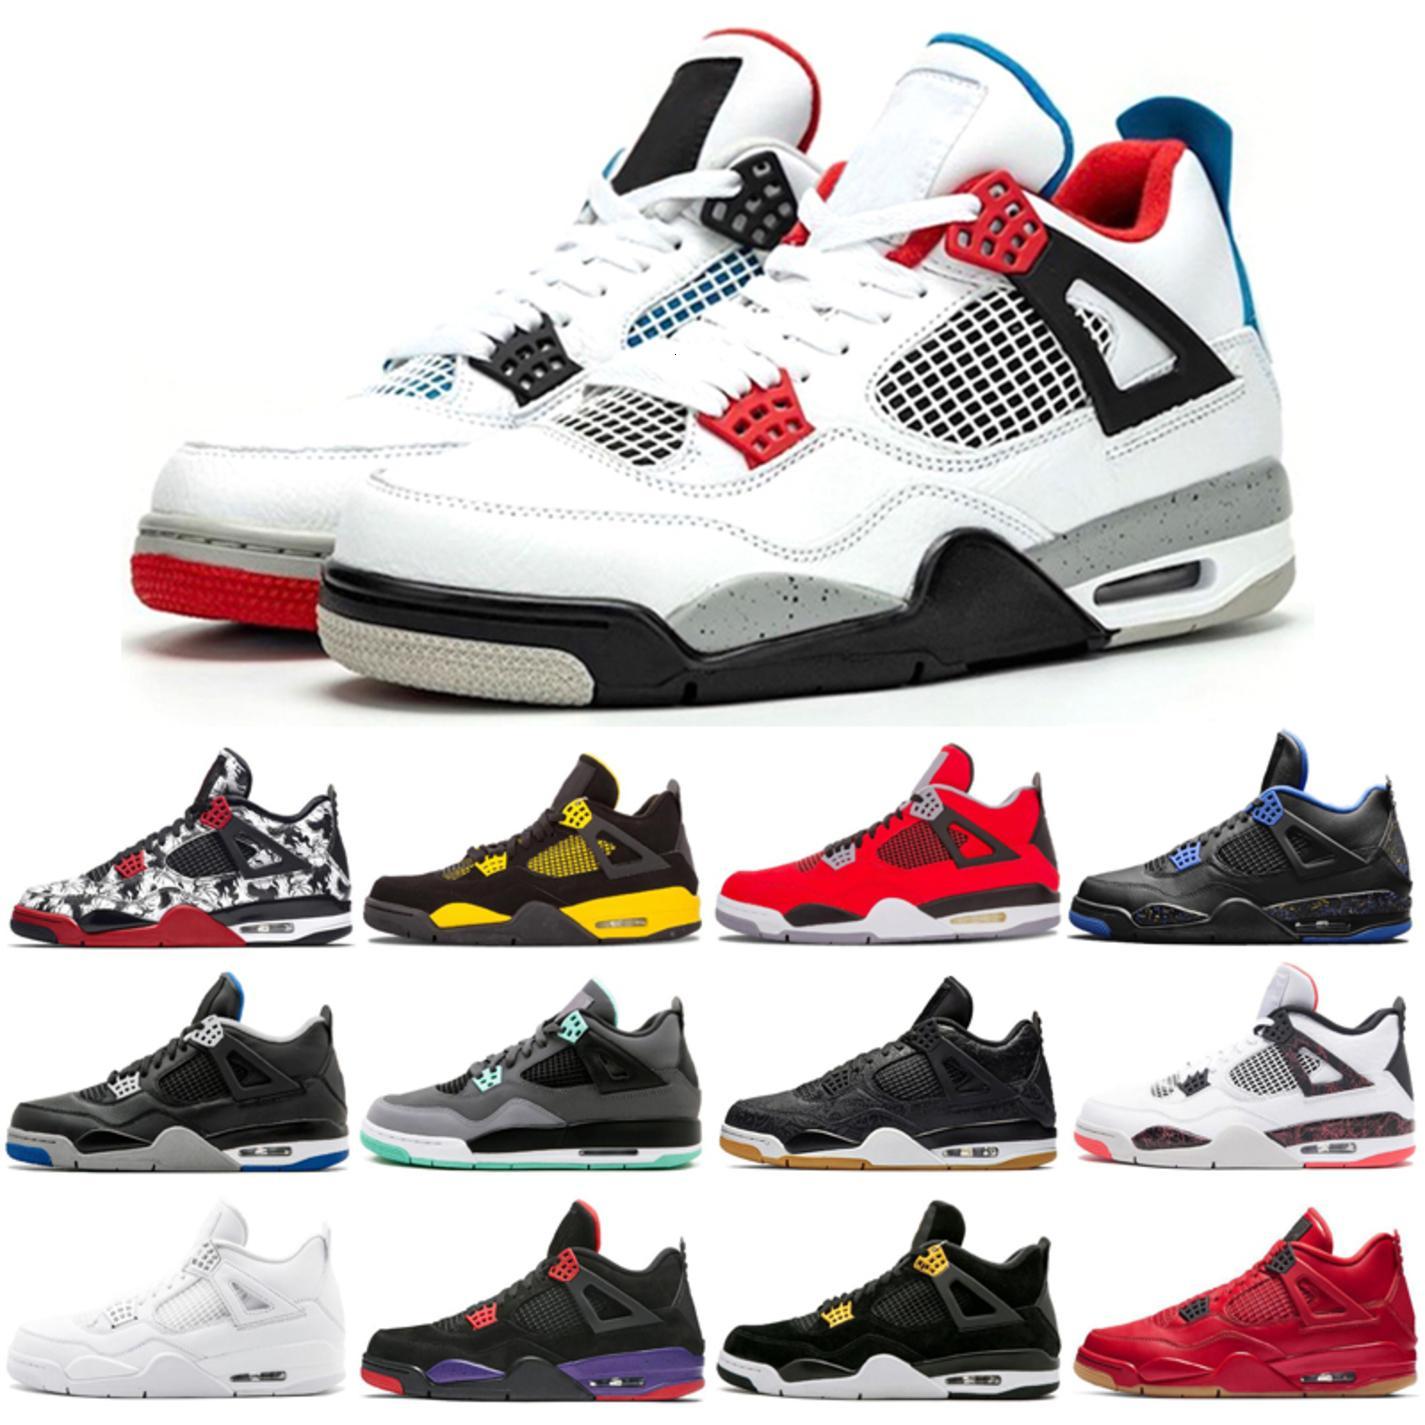 4s мужские баскетбольные ботинки альтернативный моторспорт 4 чистых дег-н-роялти красный роялти-крылья ир красные синглы дневные тренажеры спортивные кроссовки